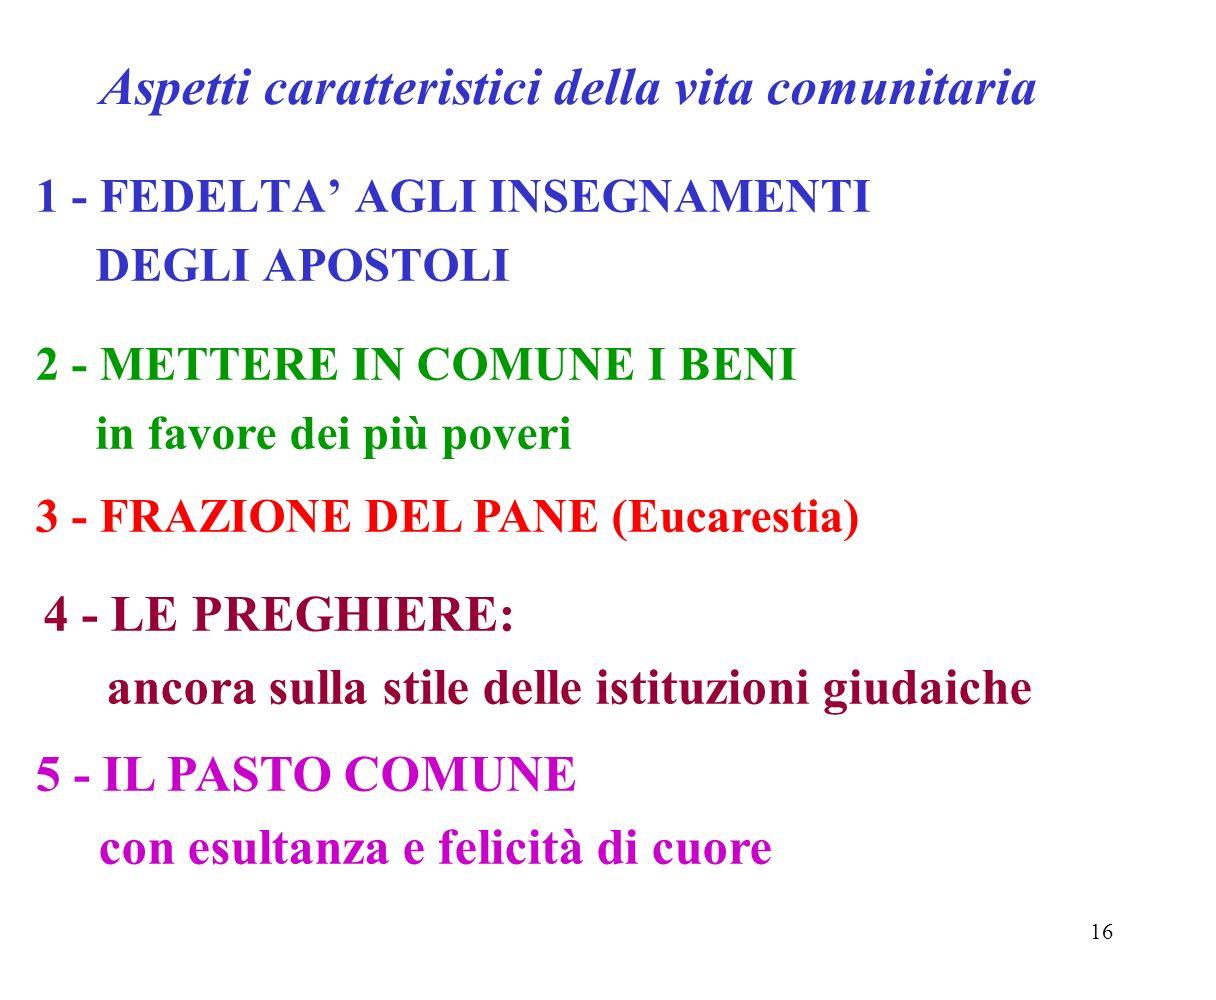 16 Aspetti caratteristici della vita comunitaria 1 - FEDELTA AGLI INSEGNAMENTI DEGLI APOSTOLI 2 - METTERE IN COMUNE I BENI in favore dei più poveri 3